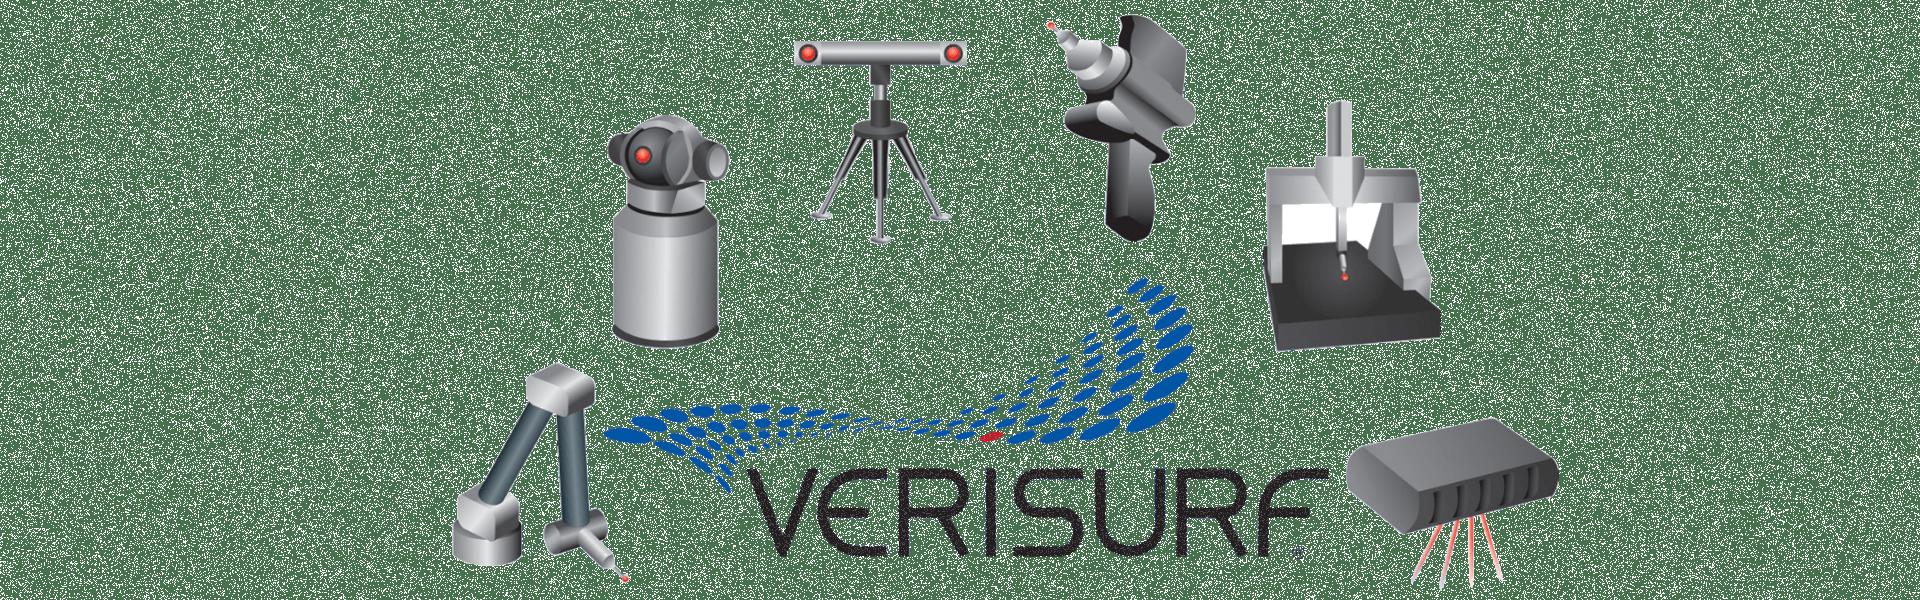 Verisurf merilne naprave